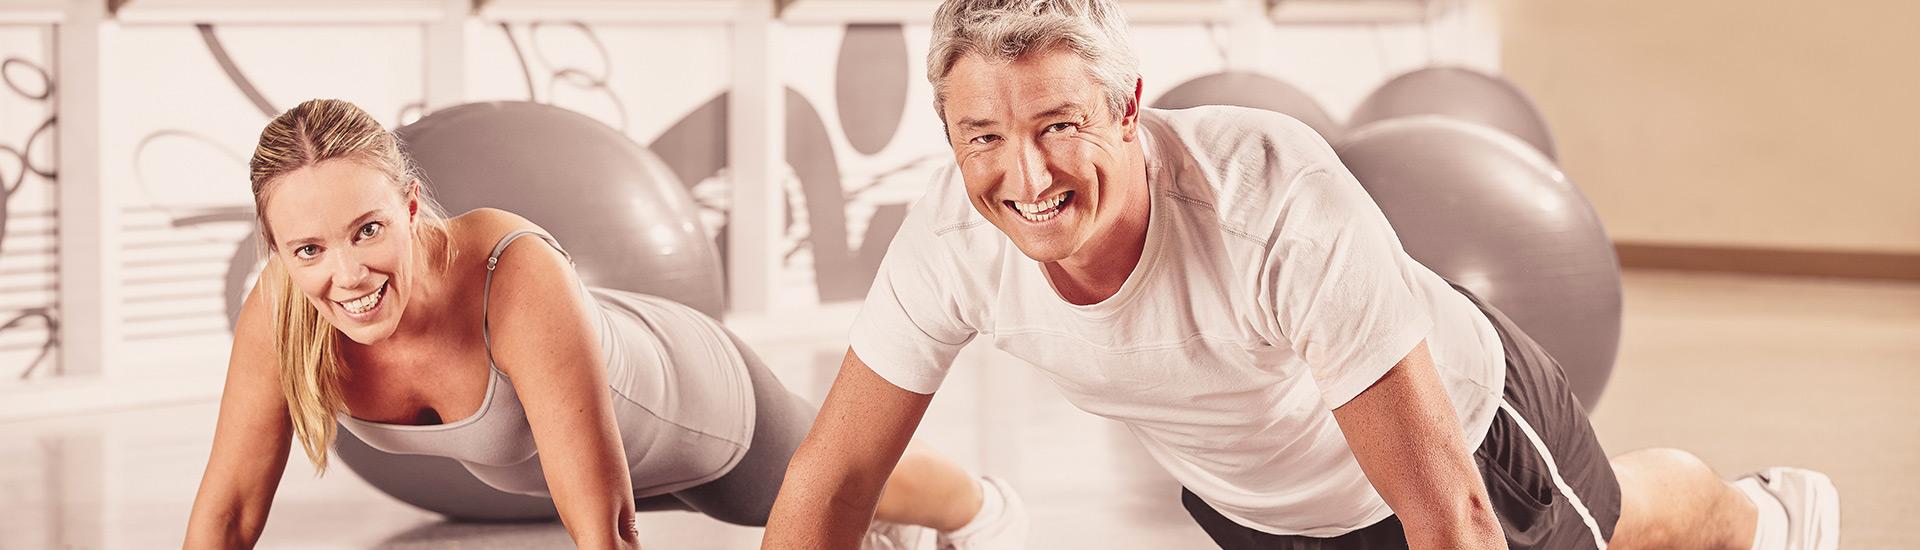 weniger schmerz im actiwita vitalstudio stolberg fitness abnehmen gesundheit. Black Bedroom Furniture Sets. Home Design Ideas